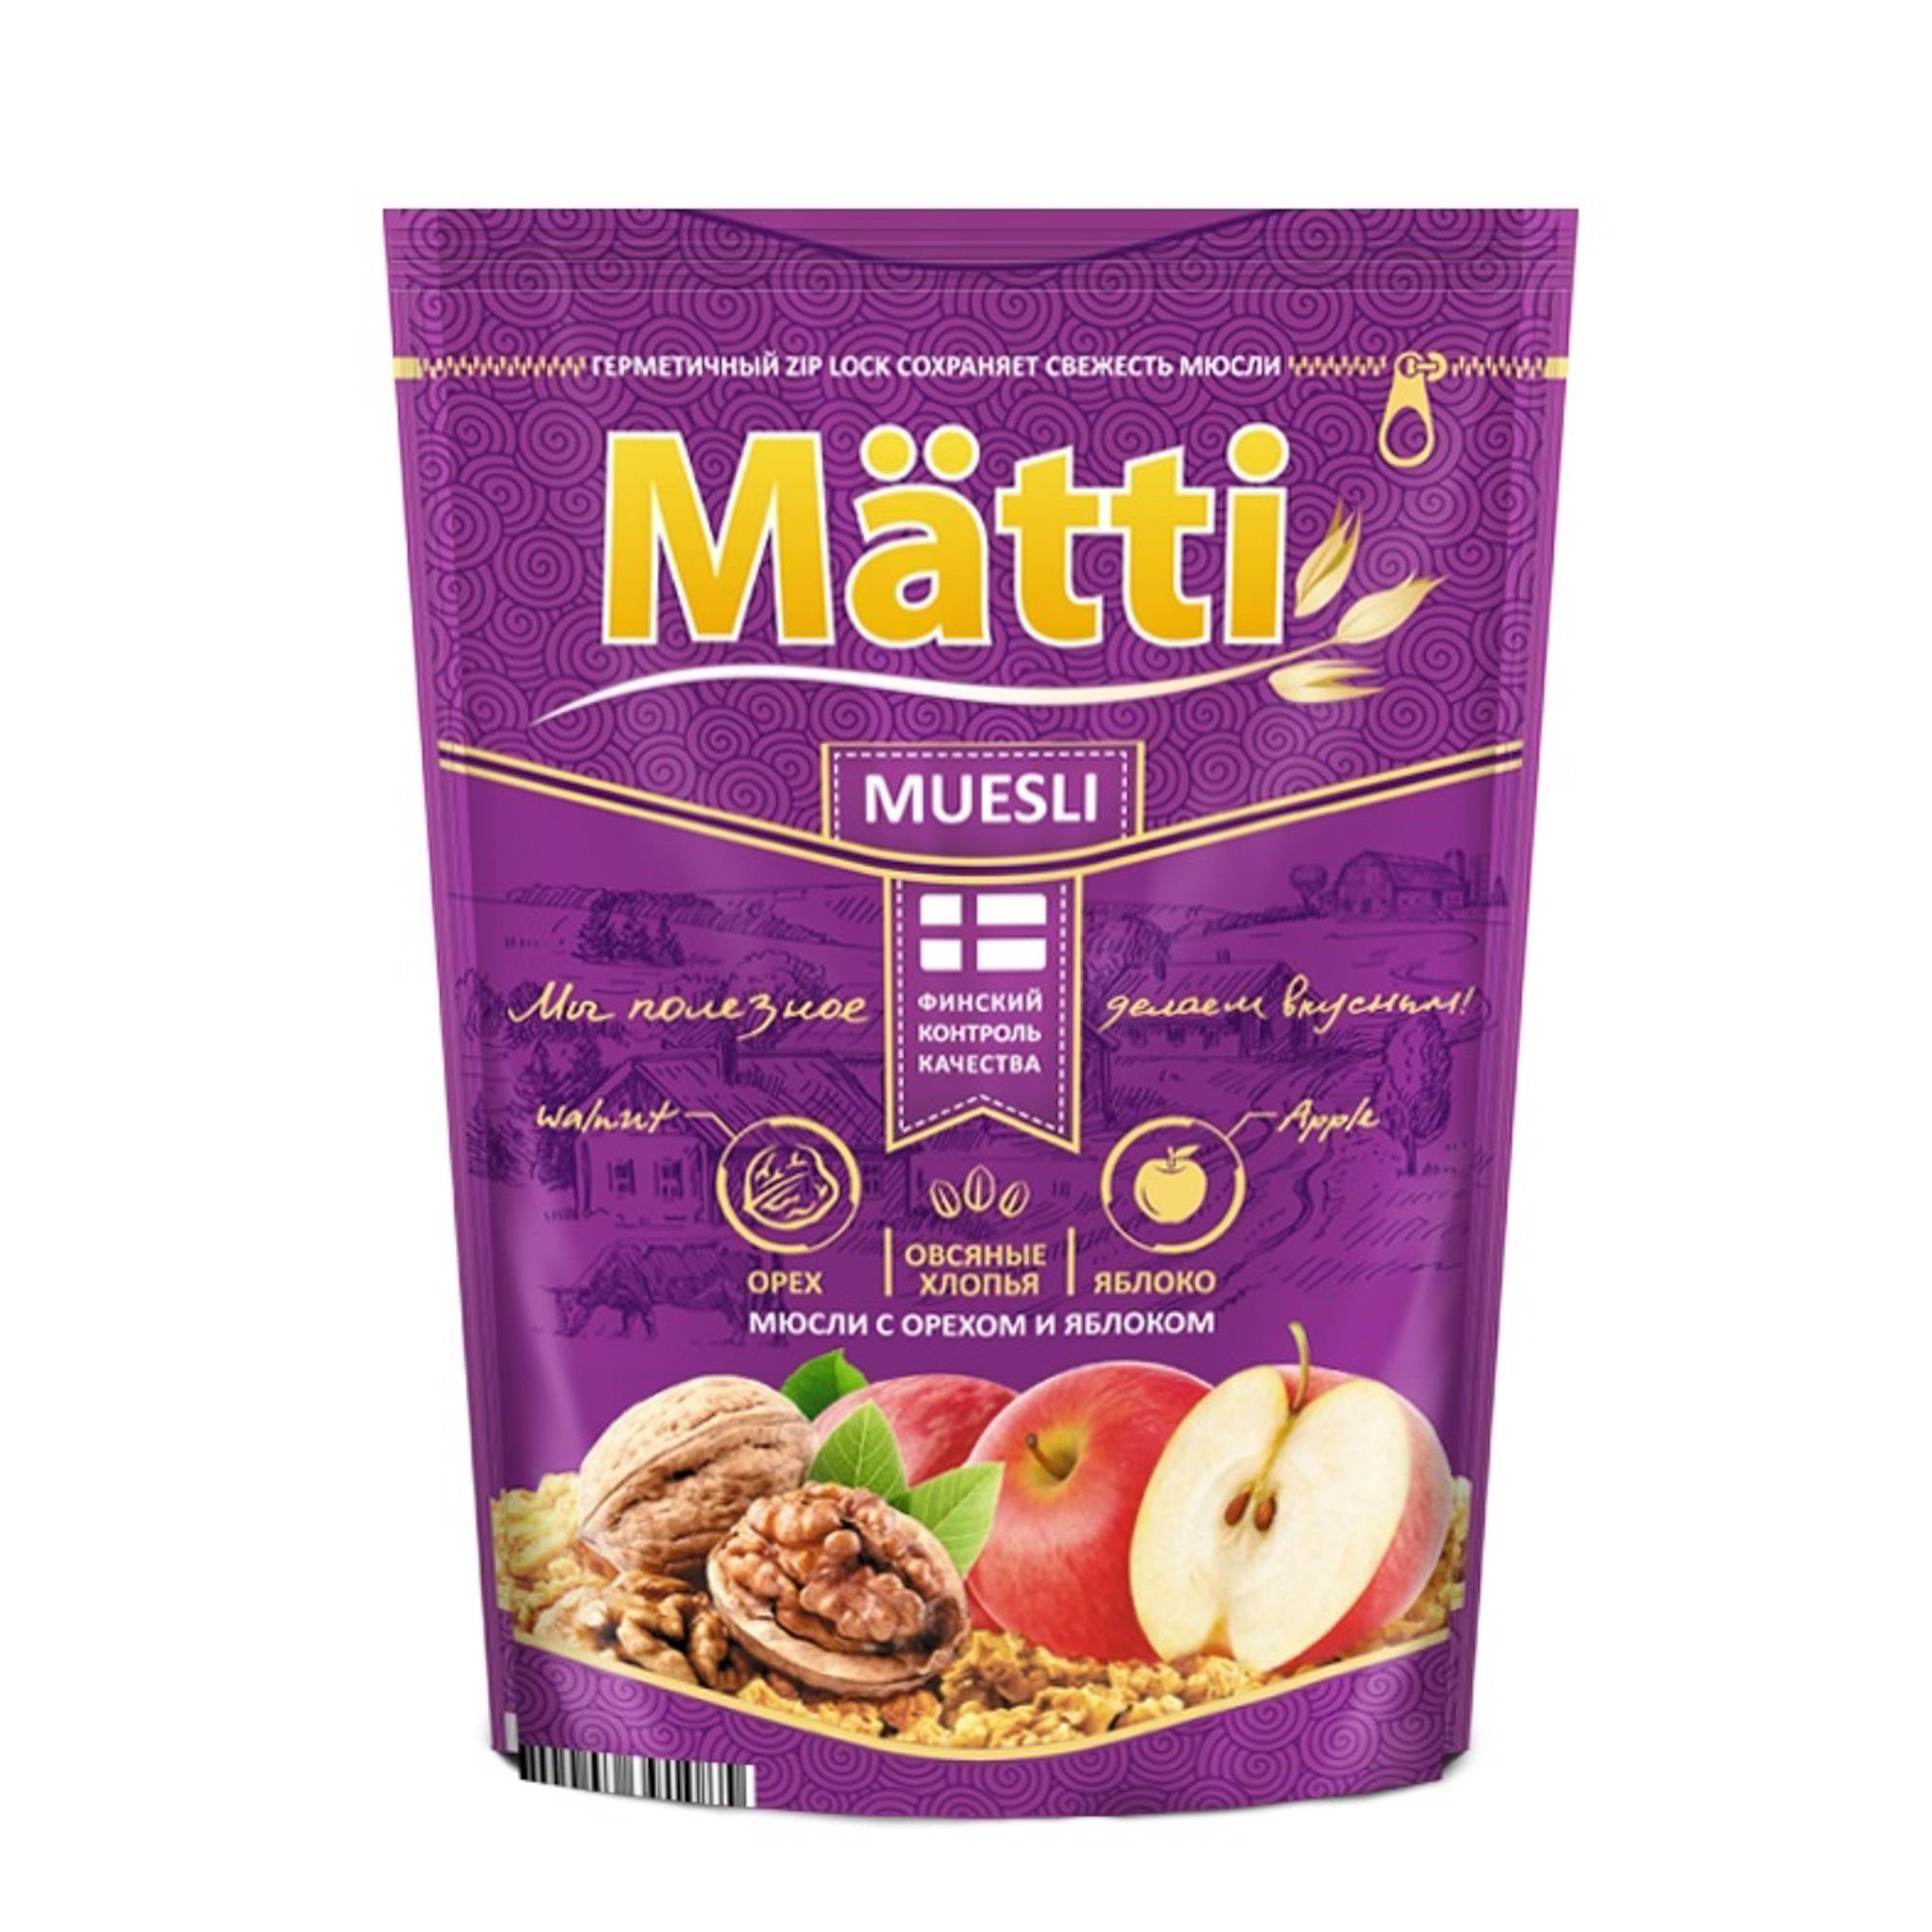 Мюсли Matti с яблоком и орехами 250 г мюсли matti хлопья и шарики с орехом и яблоком дой пак 250 г